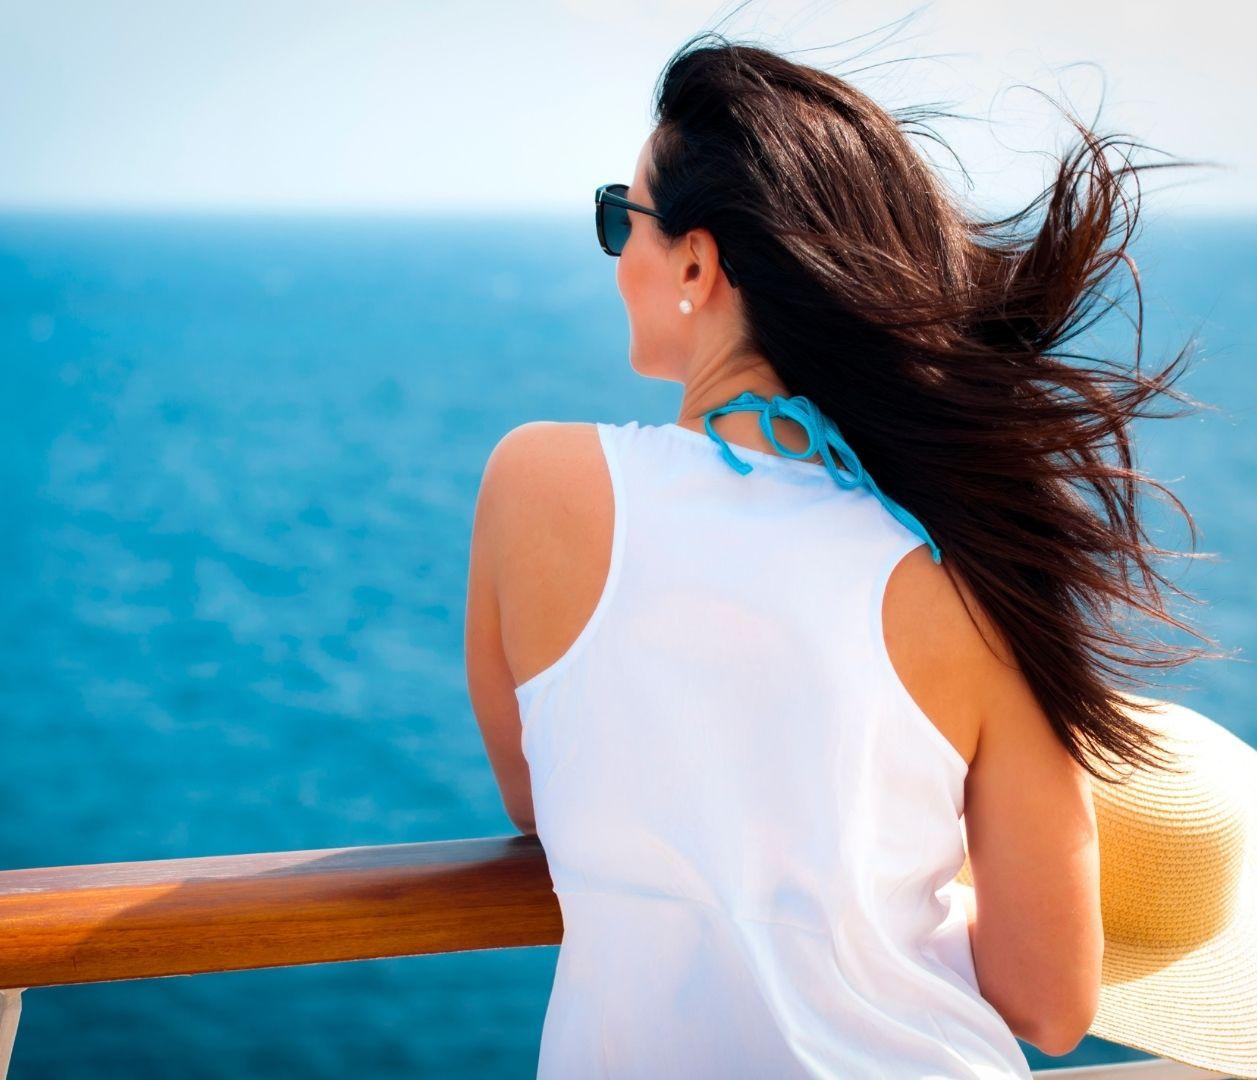 Kreuzfahrt Frau schaut aufs Wasser